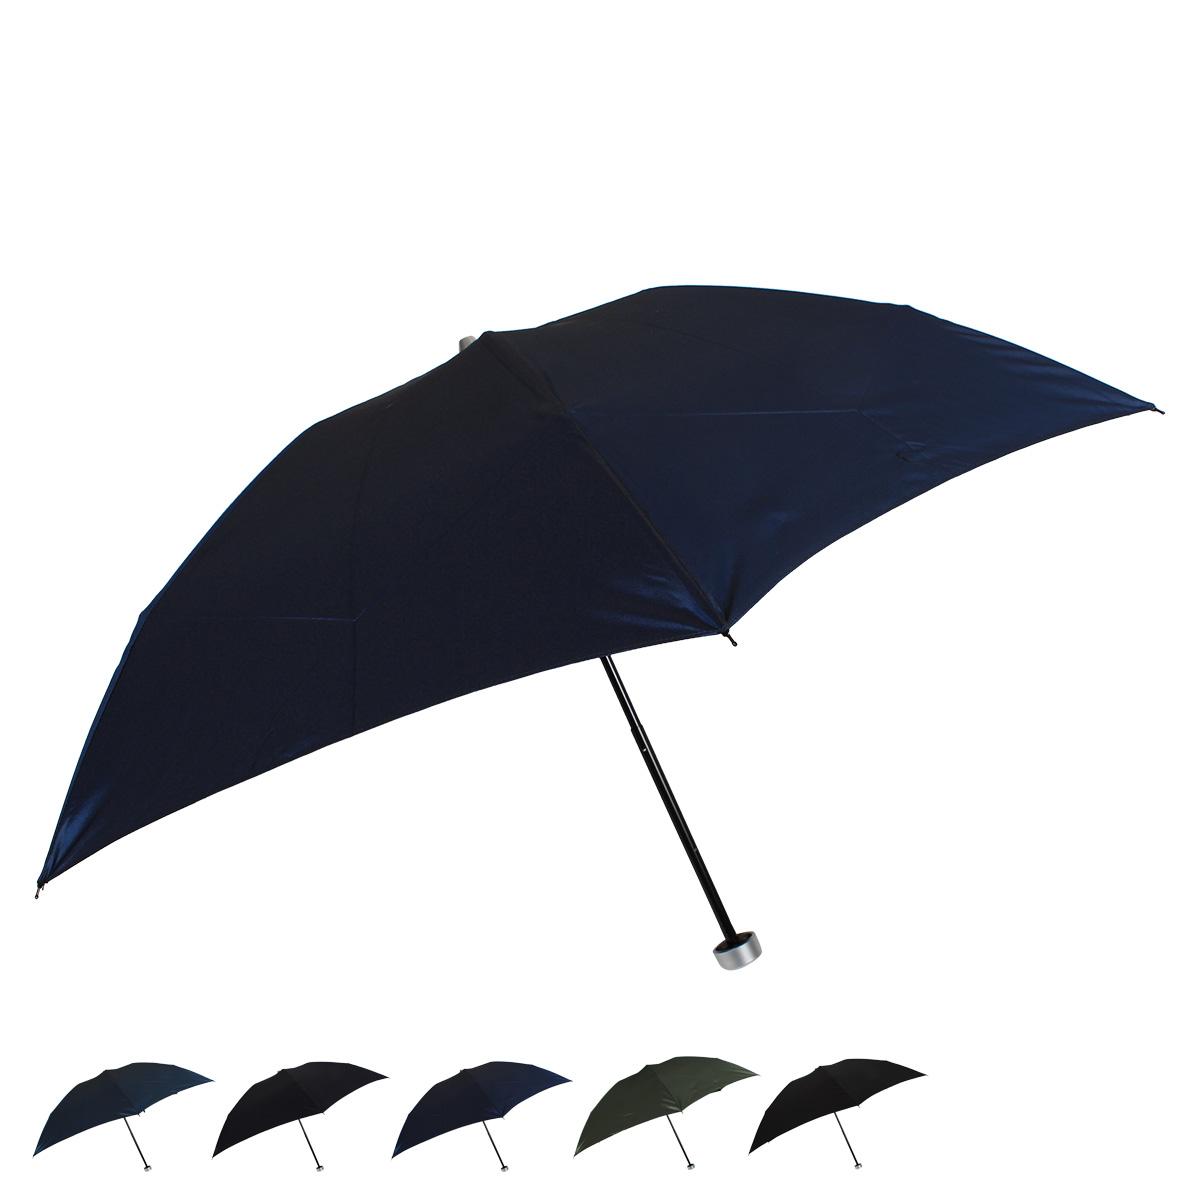 送料無料 あす楽対応 オロビアンコ お得 Orobianco 折りたたみ傘 雨傘 軽量 丈夫 雨具 最大1000円OFFクーポン カーキ レディース メンズ 優先配送 ブラック 折り畳み ネイビー 607020005 ブルー 黒 ターコイズ